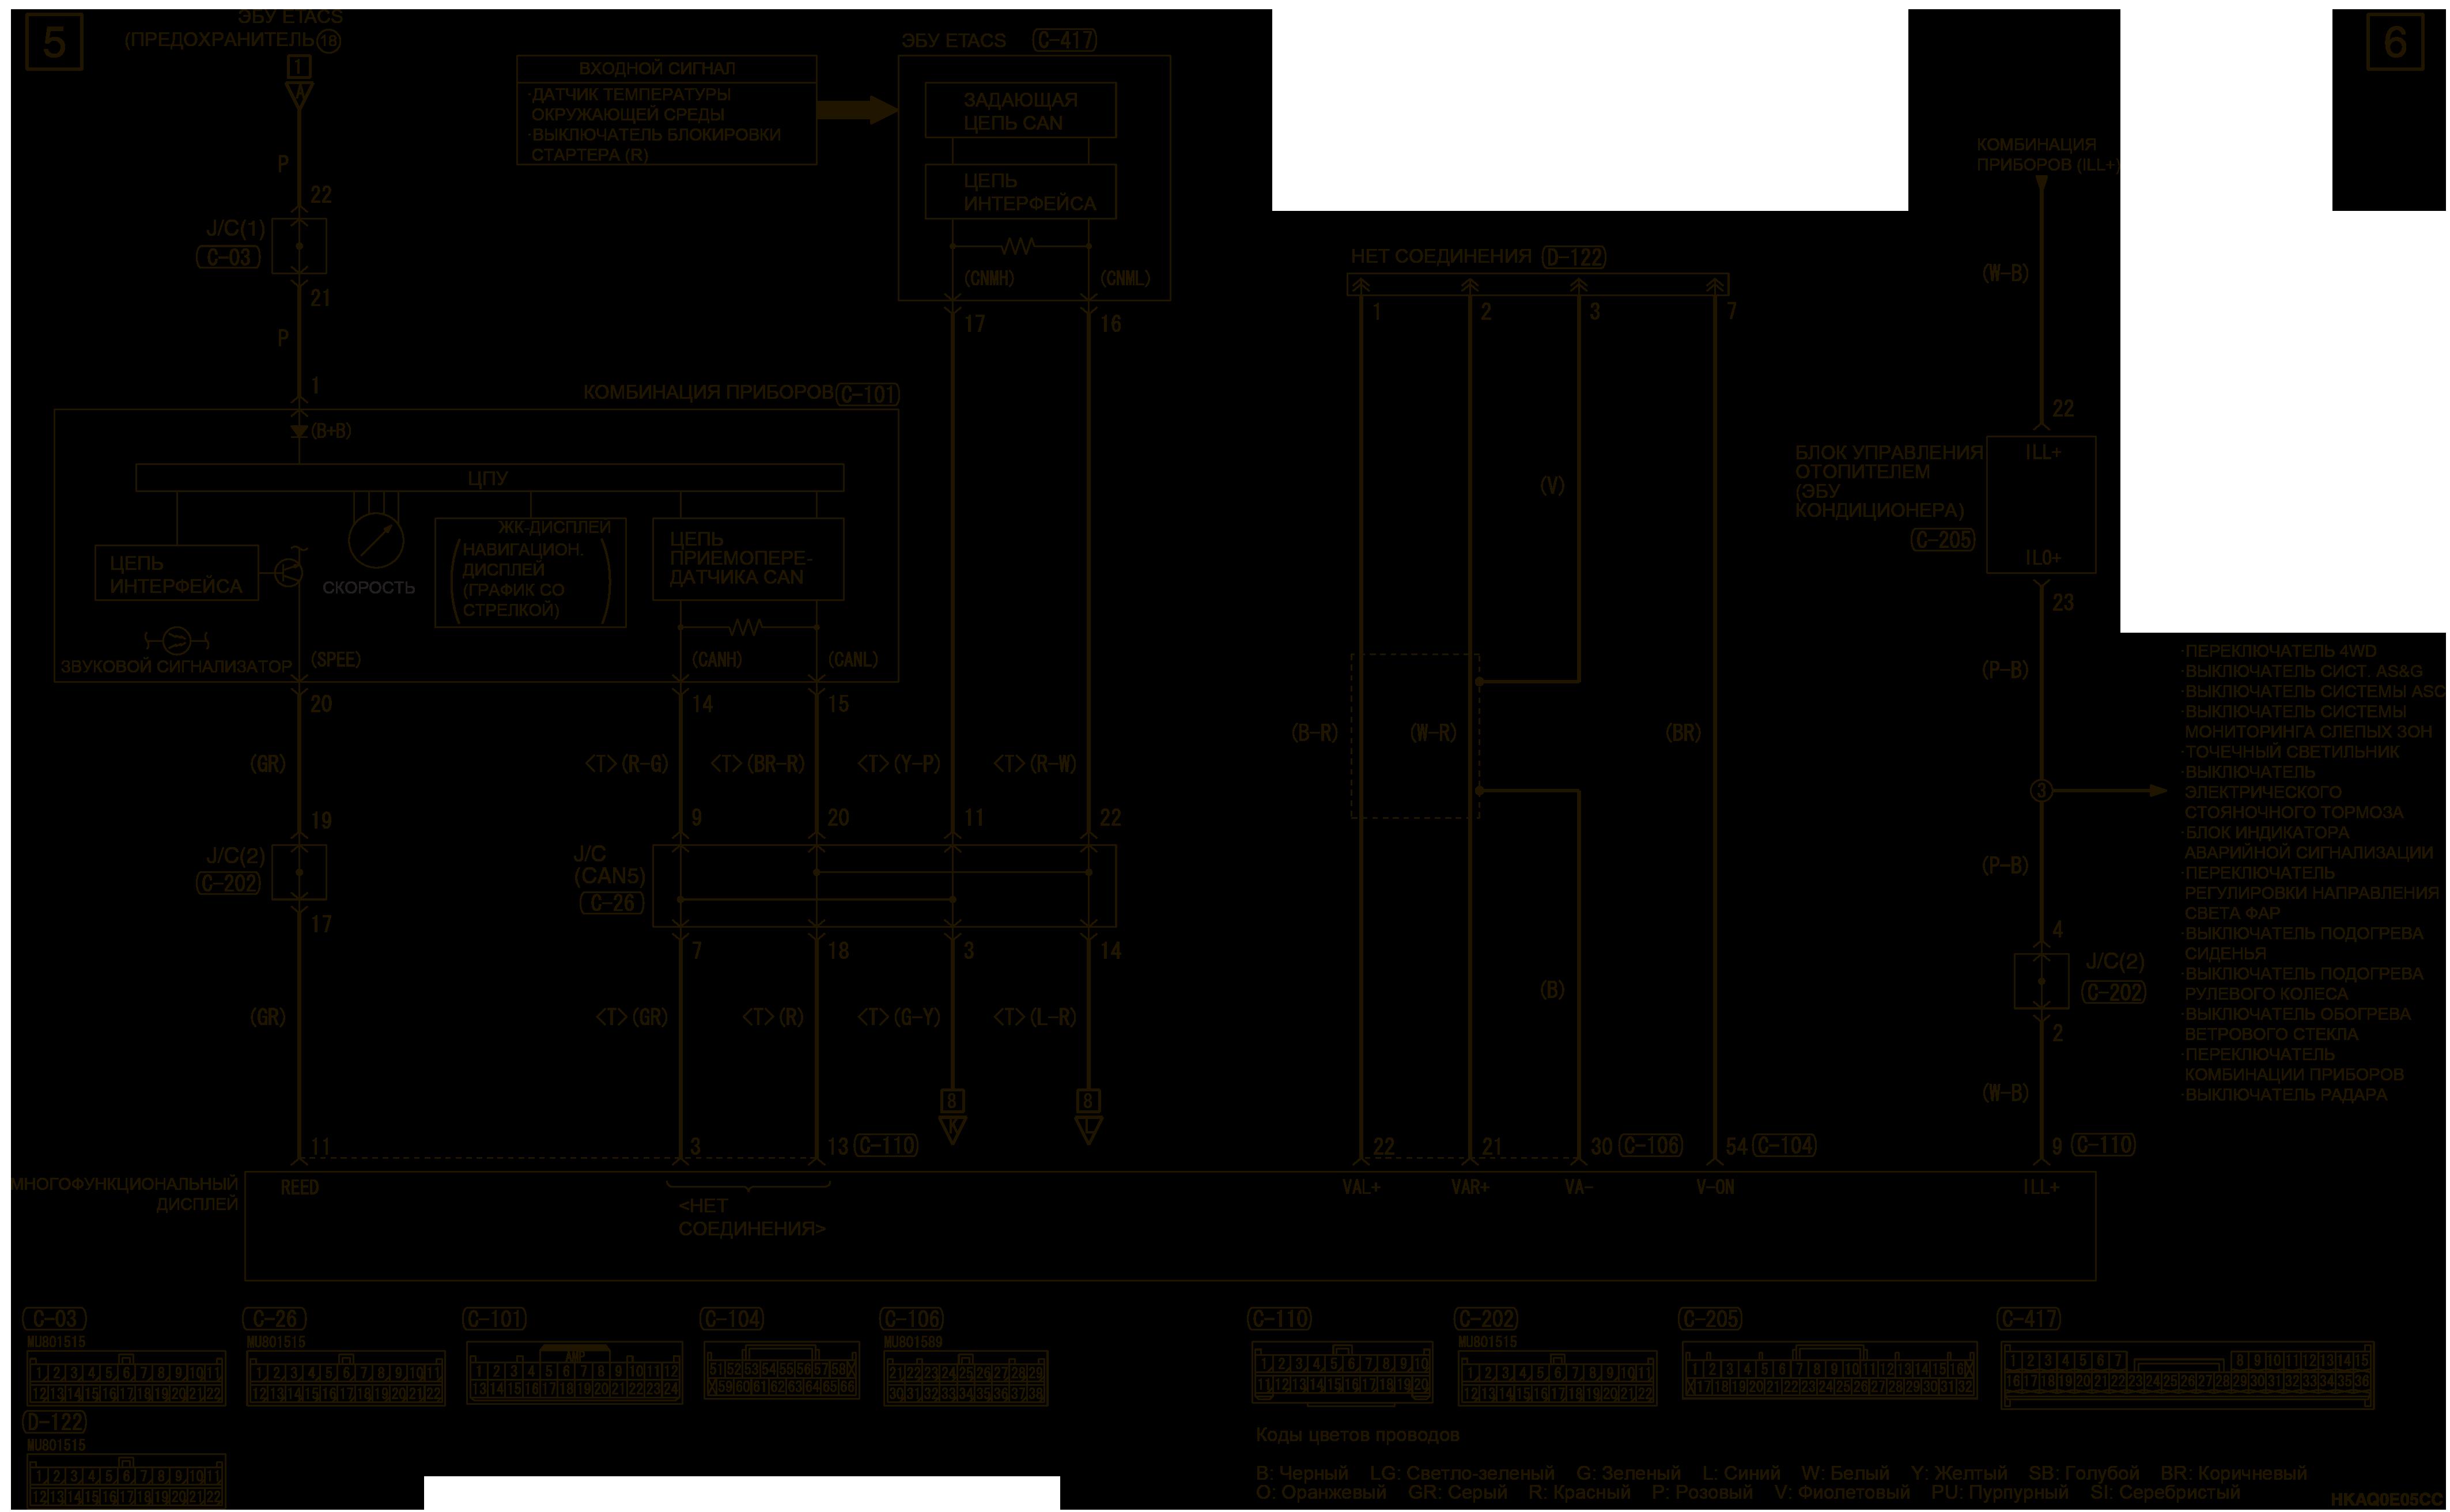 mmc аутлендер 3 2019 электросхемаMMCS Справа